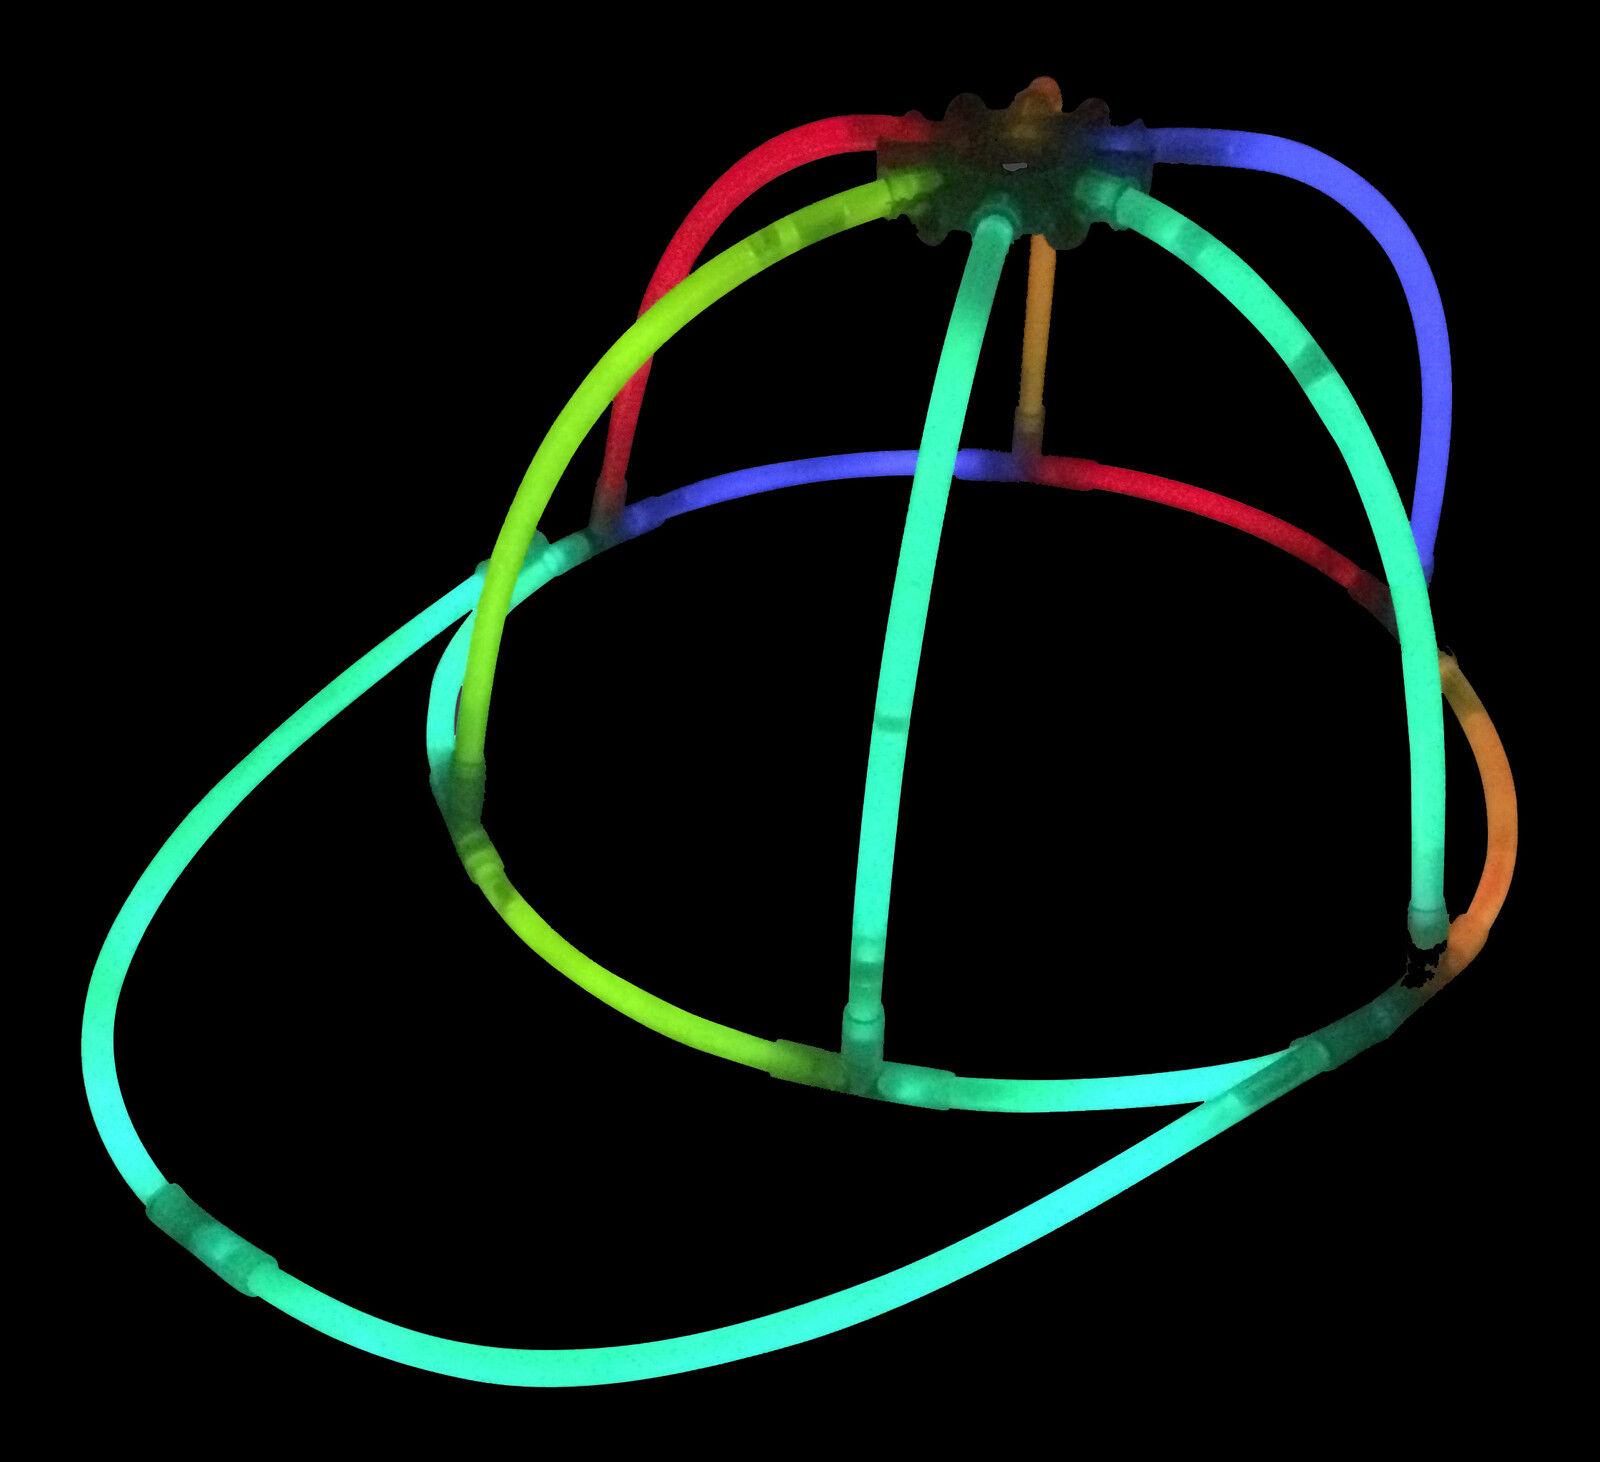 96x glow in the dark caps couleurs mélangées glow chapeaux pour les fêtes festivals glowtopia